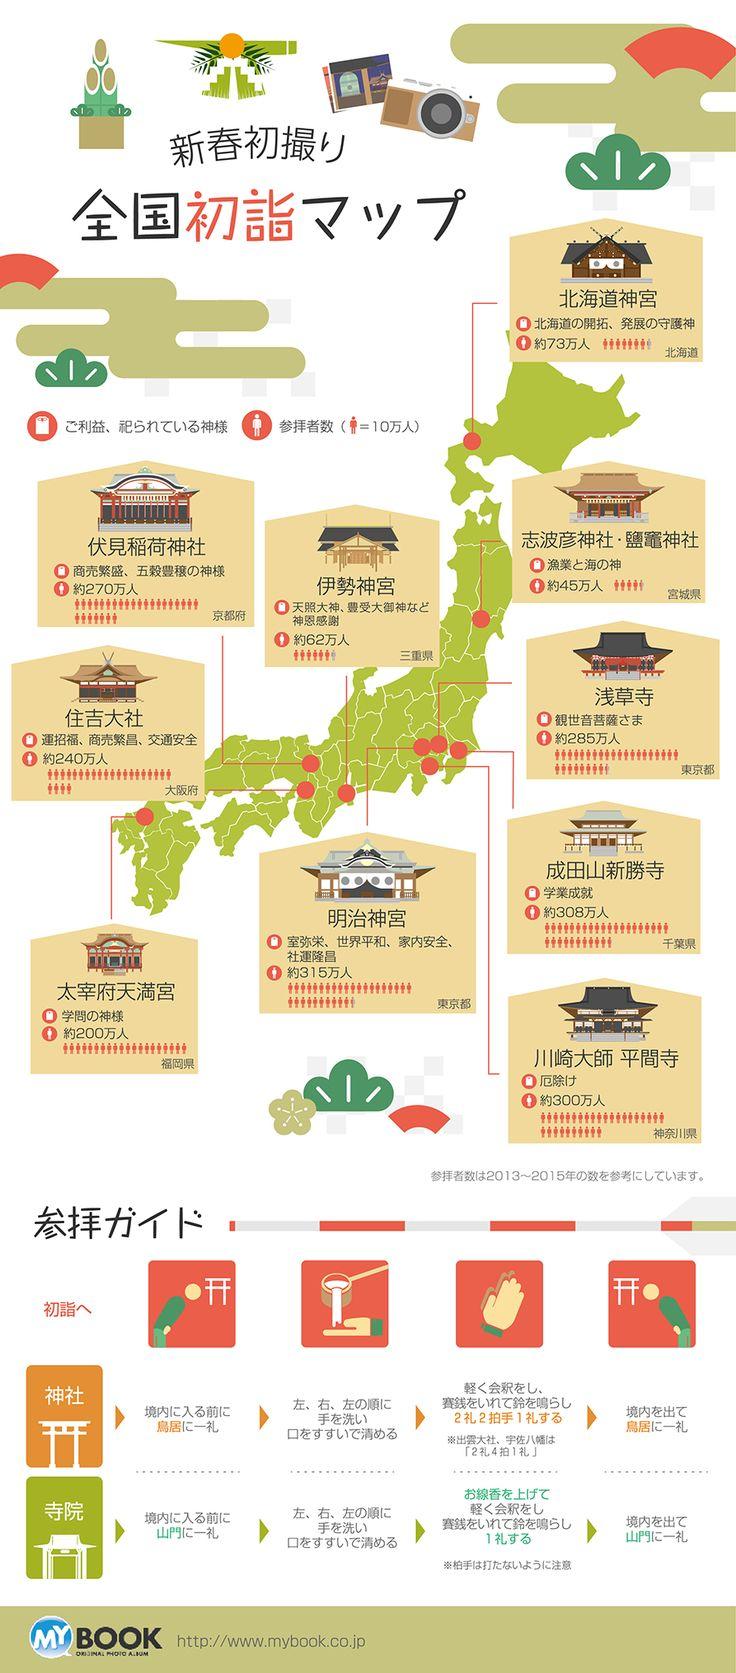 初詣についてのインフォグラフィクス_ASUKANET infographics Design